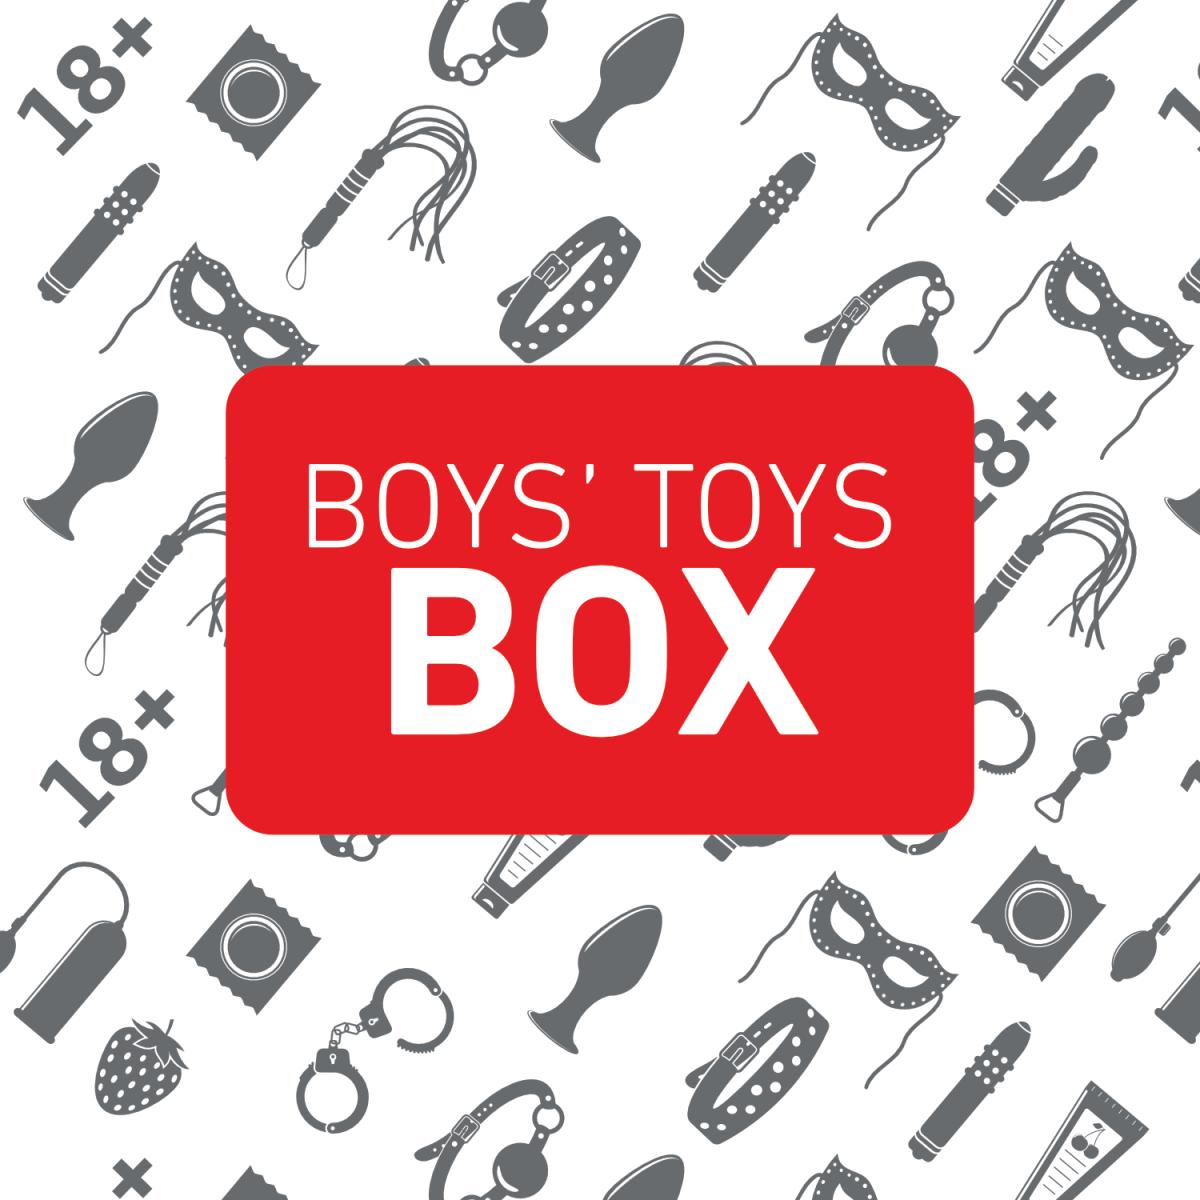 Boys' Toys Box